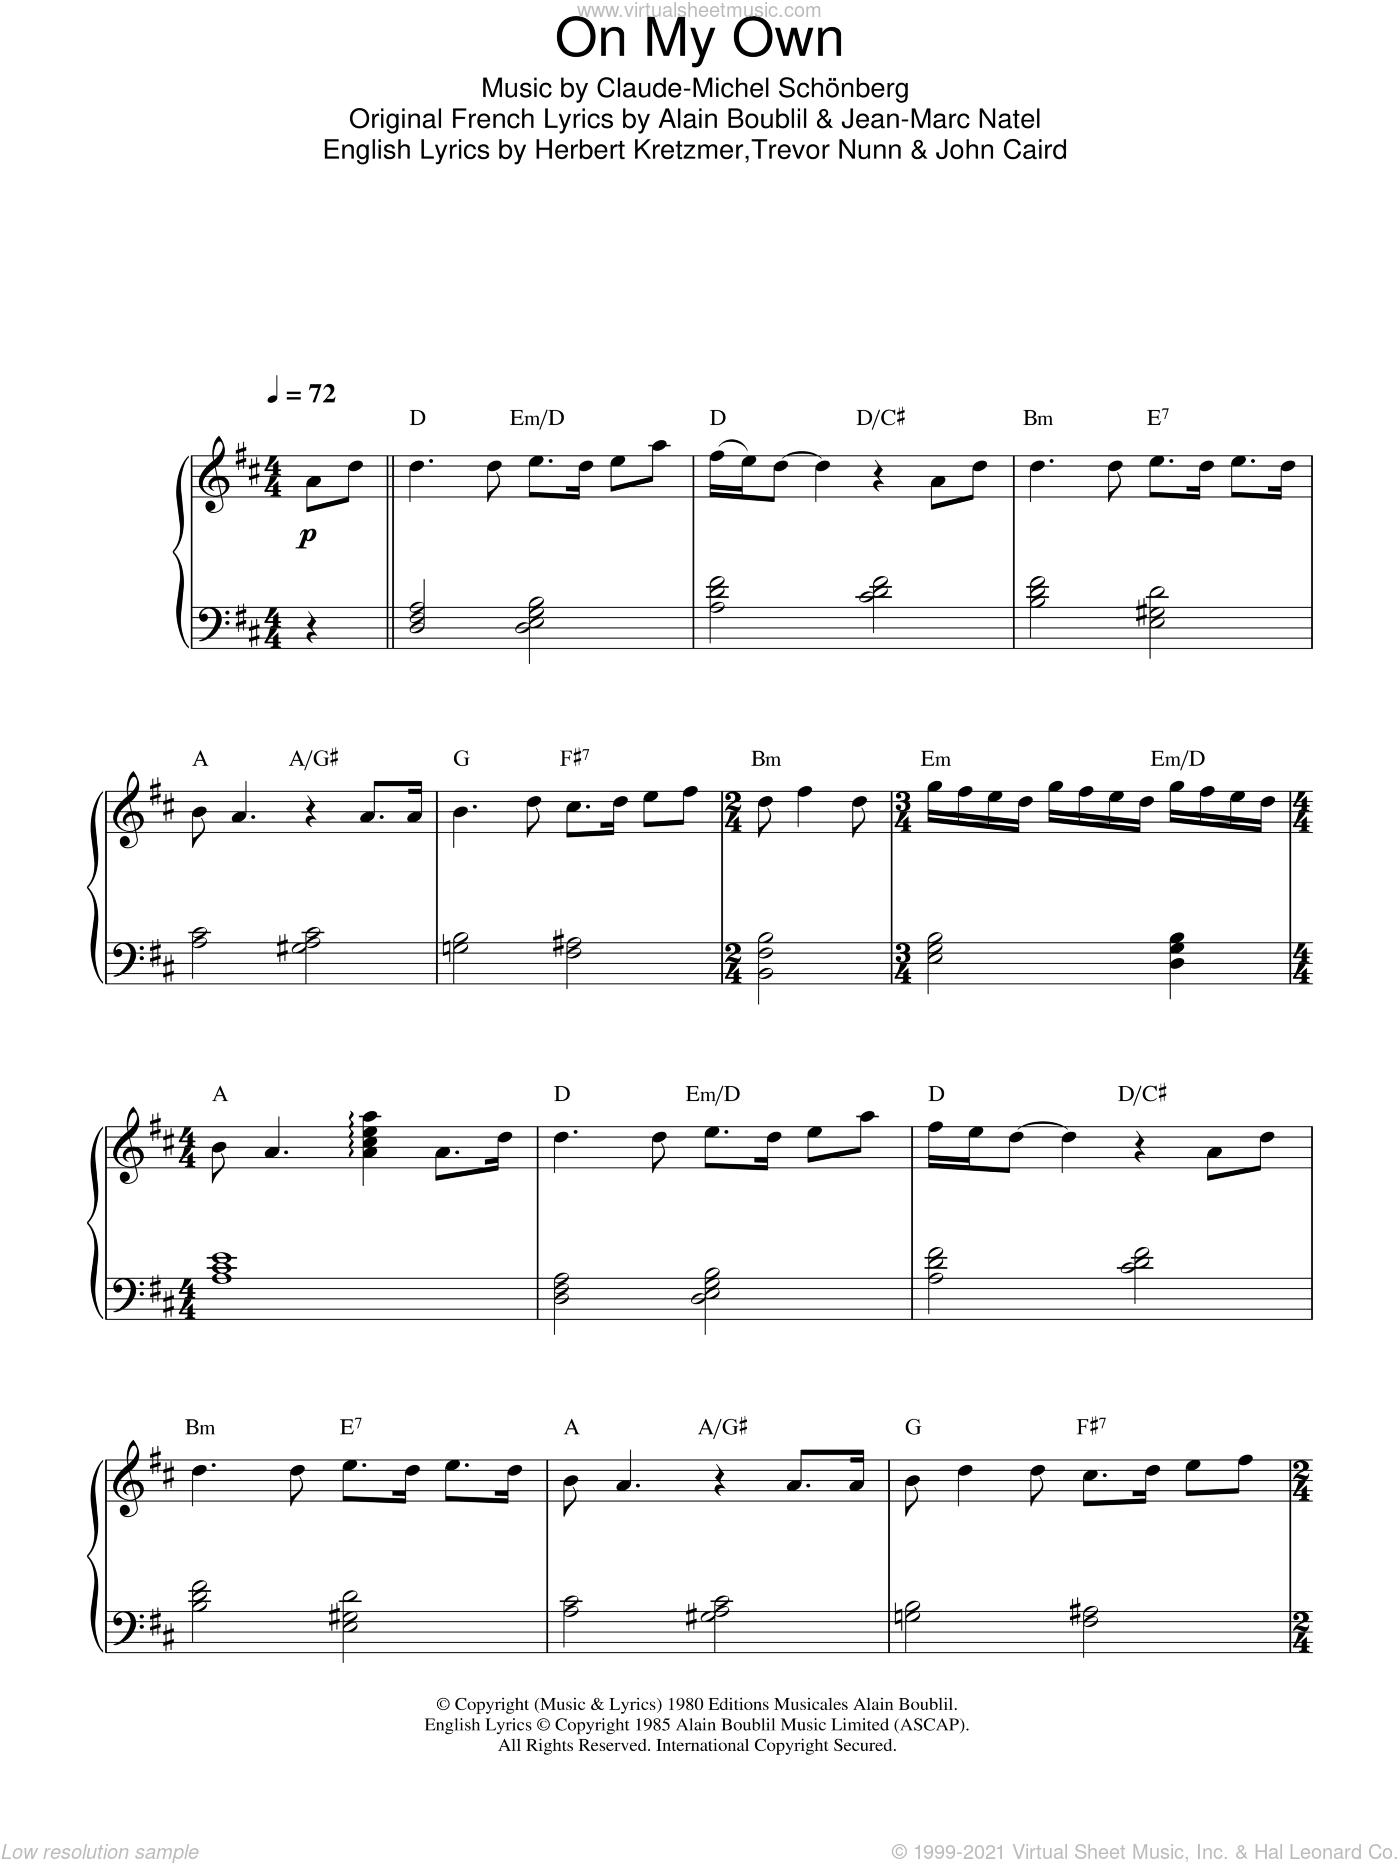 On My Own sheet music for piano solo by Alain Boublil, Les Miserables (Musical), Claude-Michel Schonberg, Herbert Kretzmer, Jean-Marc Natel, John Caird and Trevor Nunn, intermediate skill level